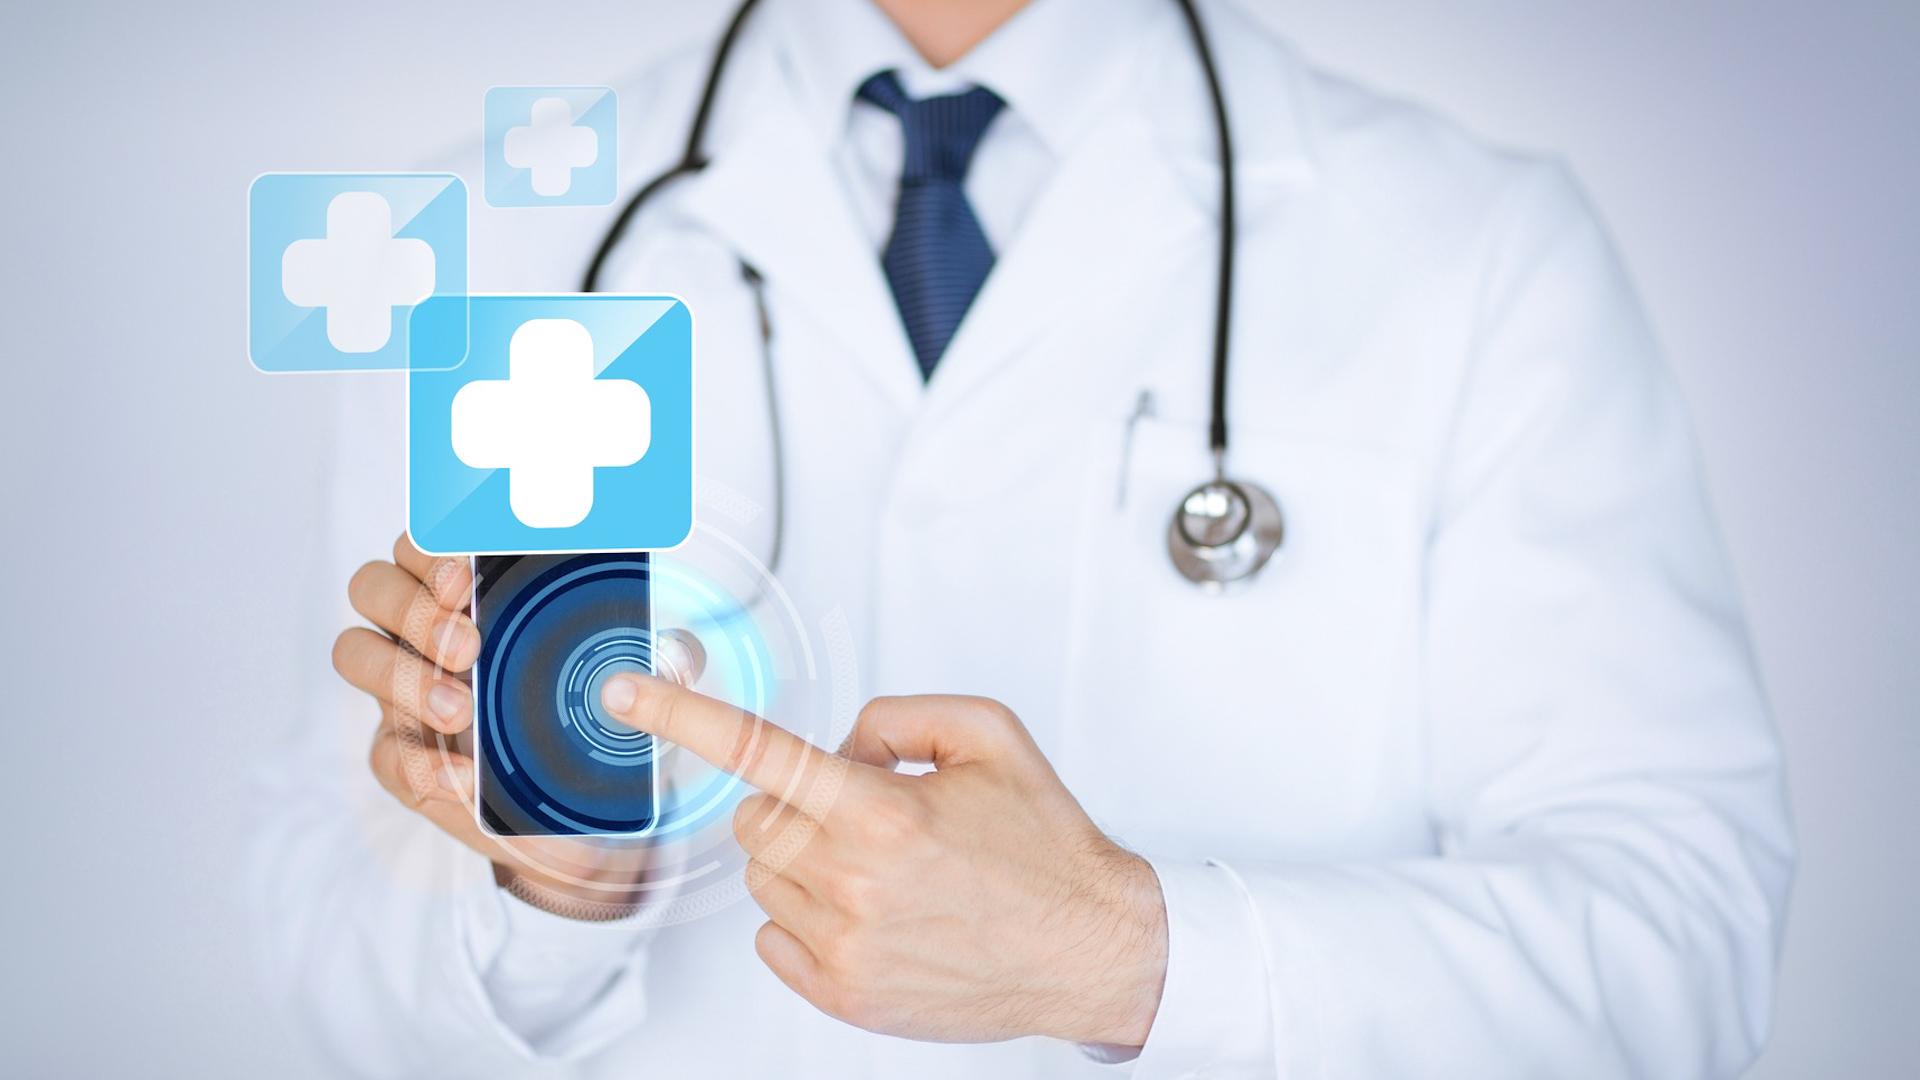 Цикл ажиотажа в сфере телемедицины и будущее удаленной помощи